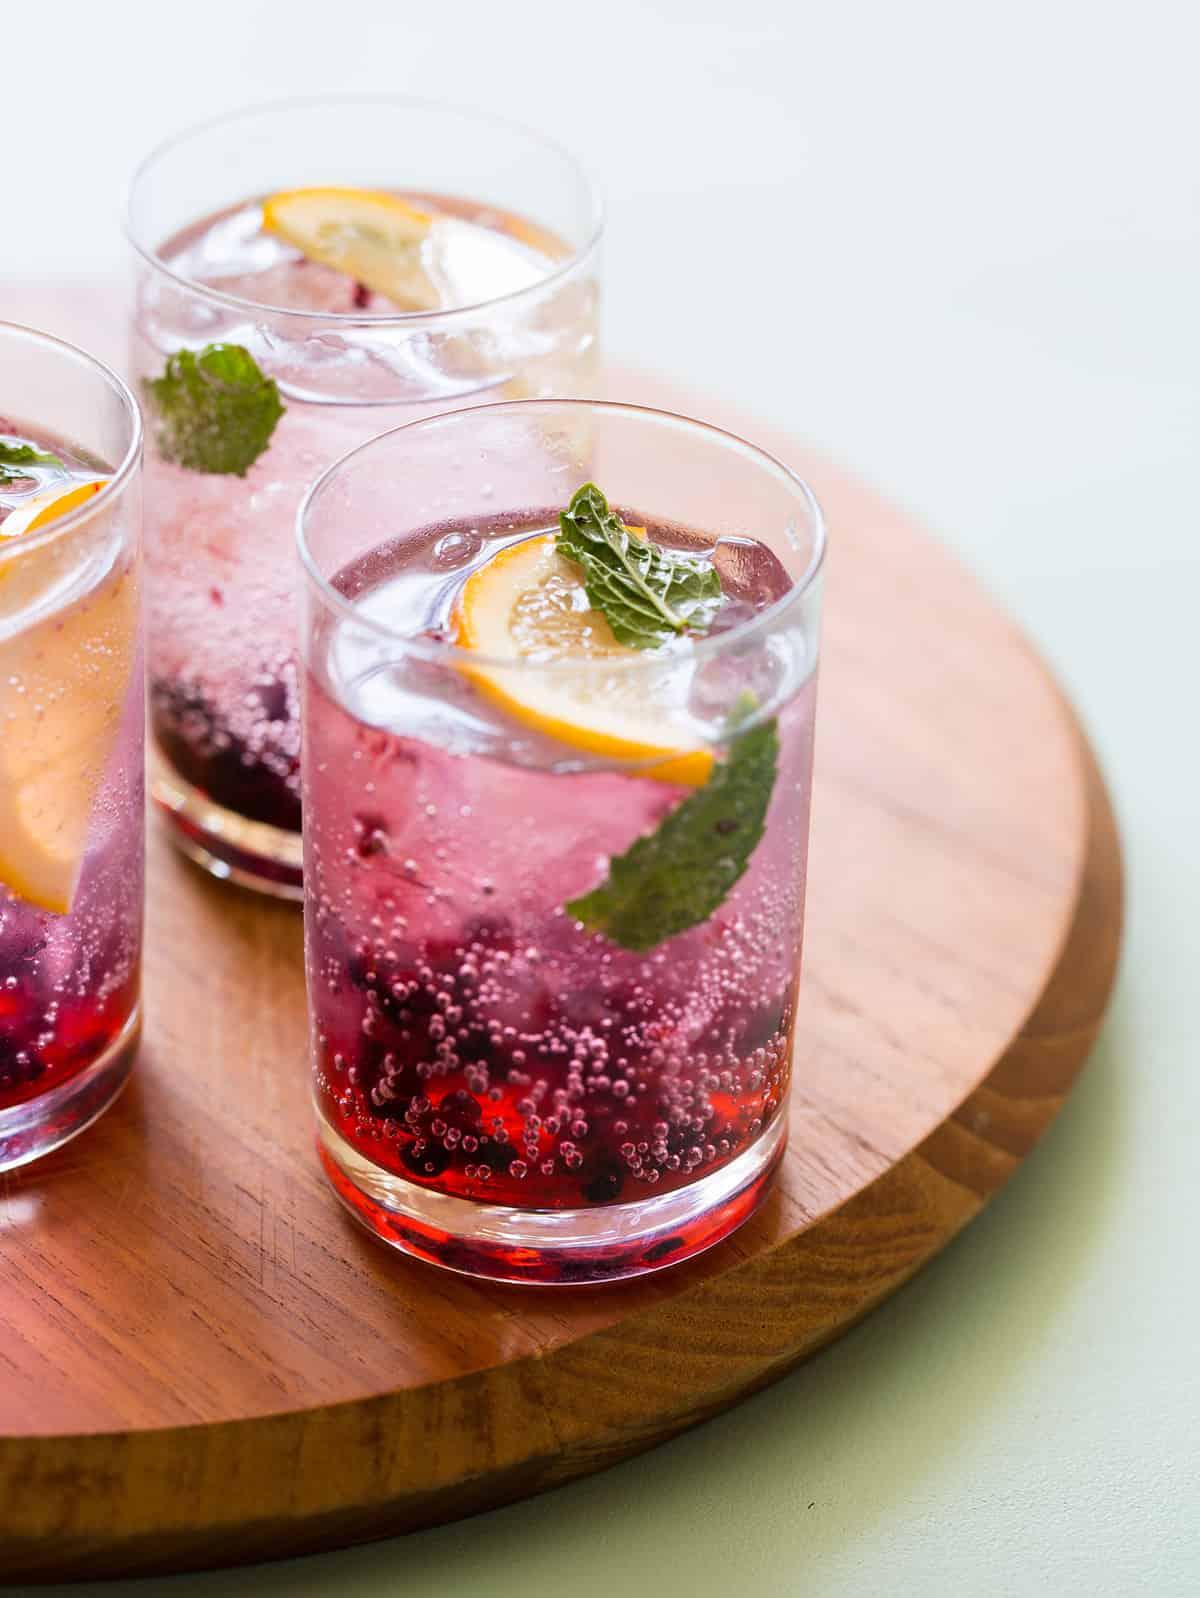 Blackberry & Meyer Lemon Gin & Tonics | Spoon Fork Bacon